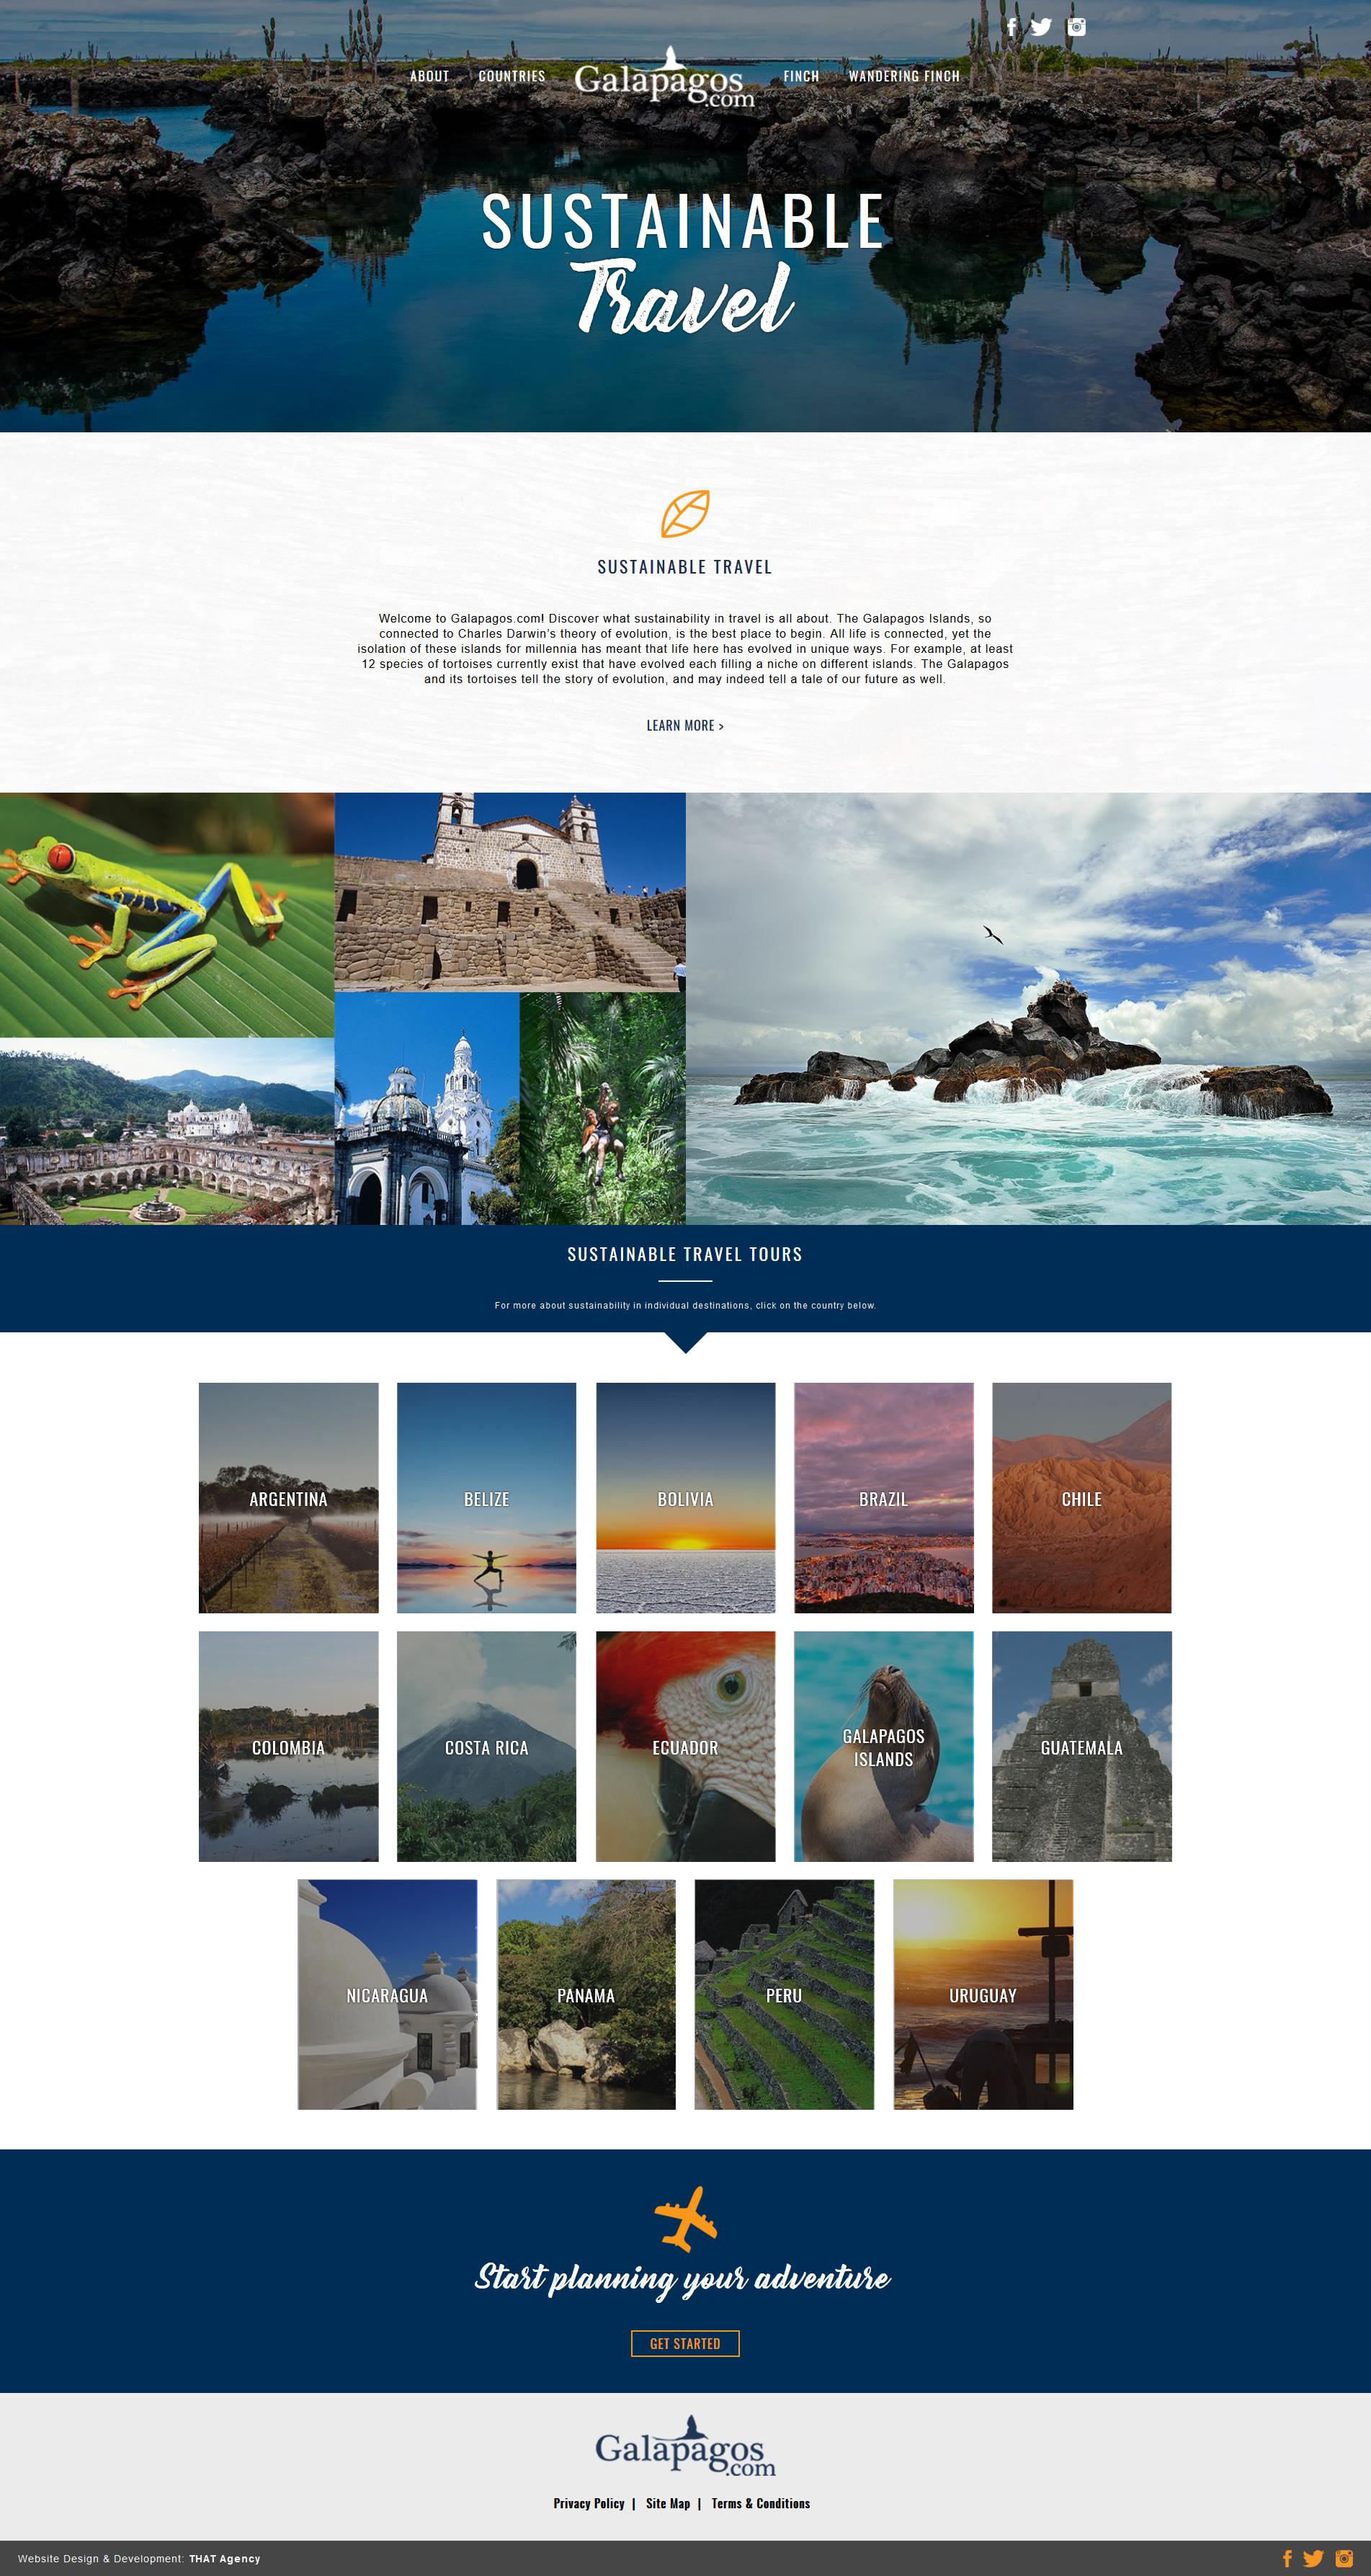 Galapagos.com Website Redesign